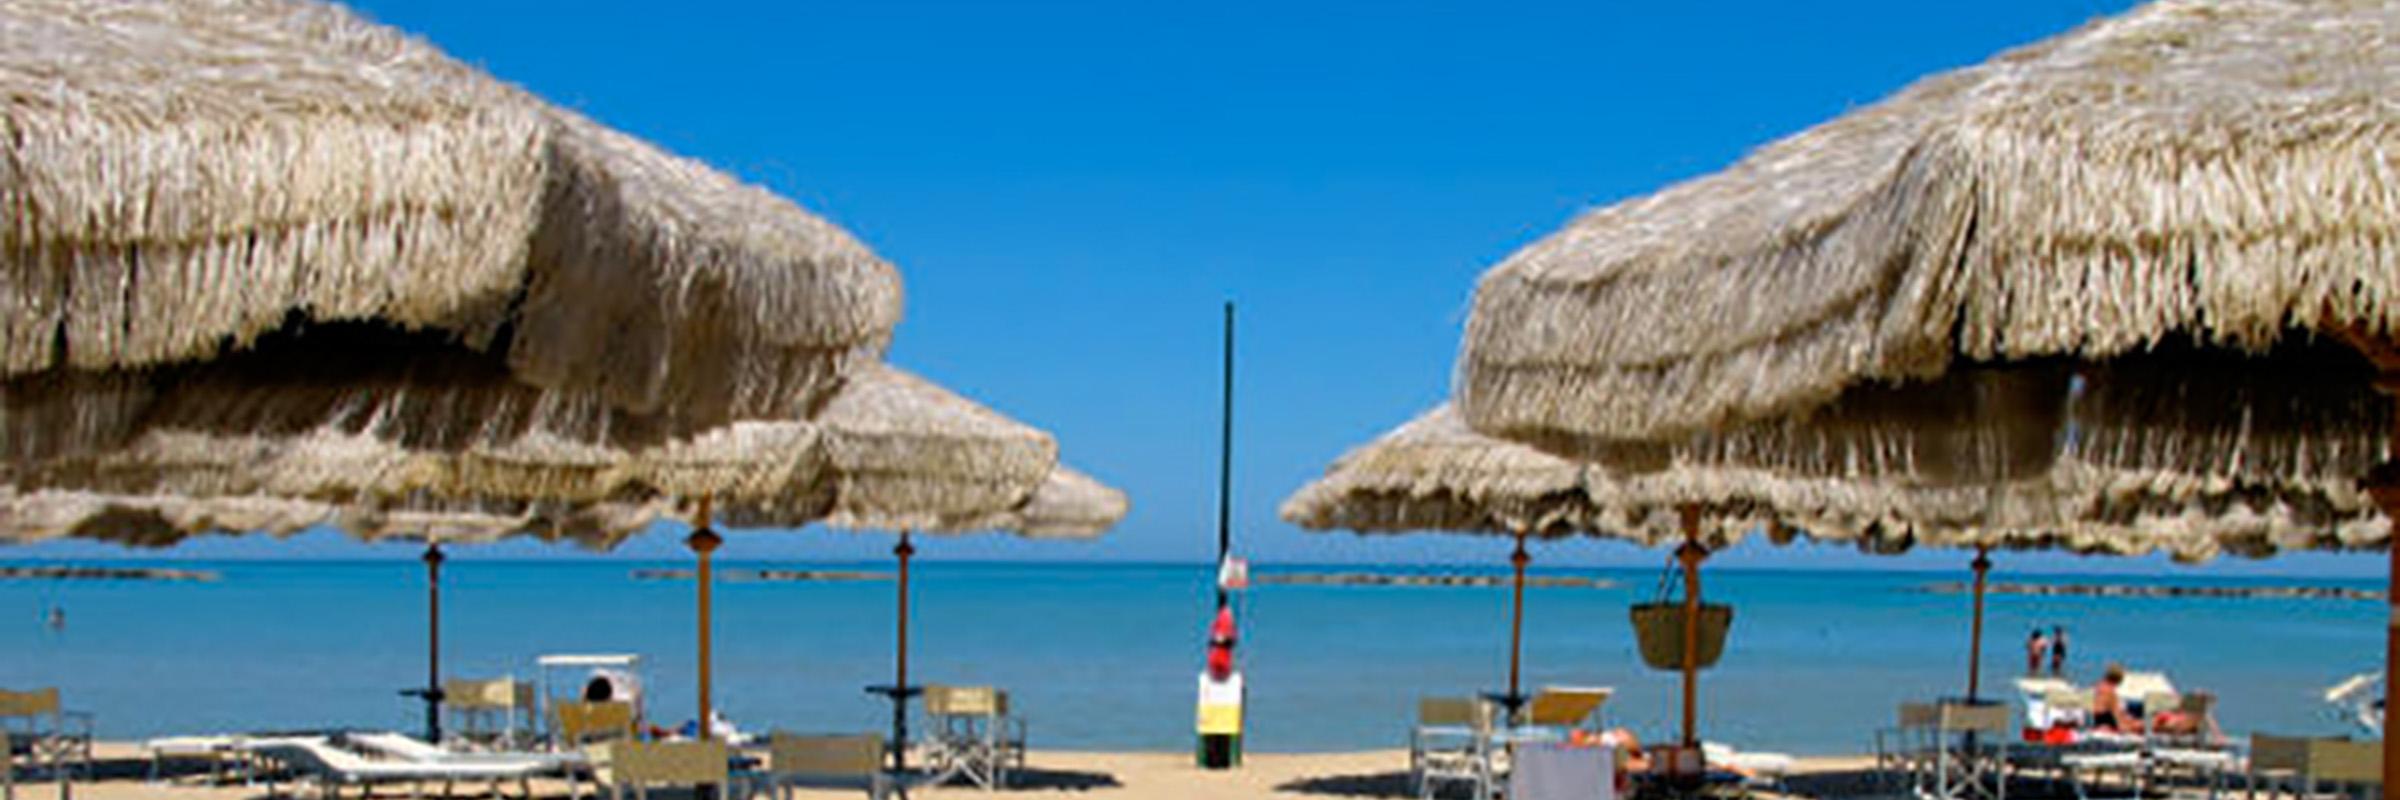 Spiaggia_Pescara